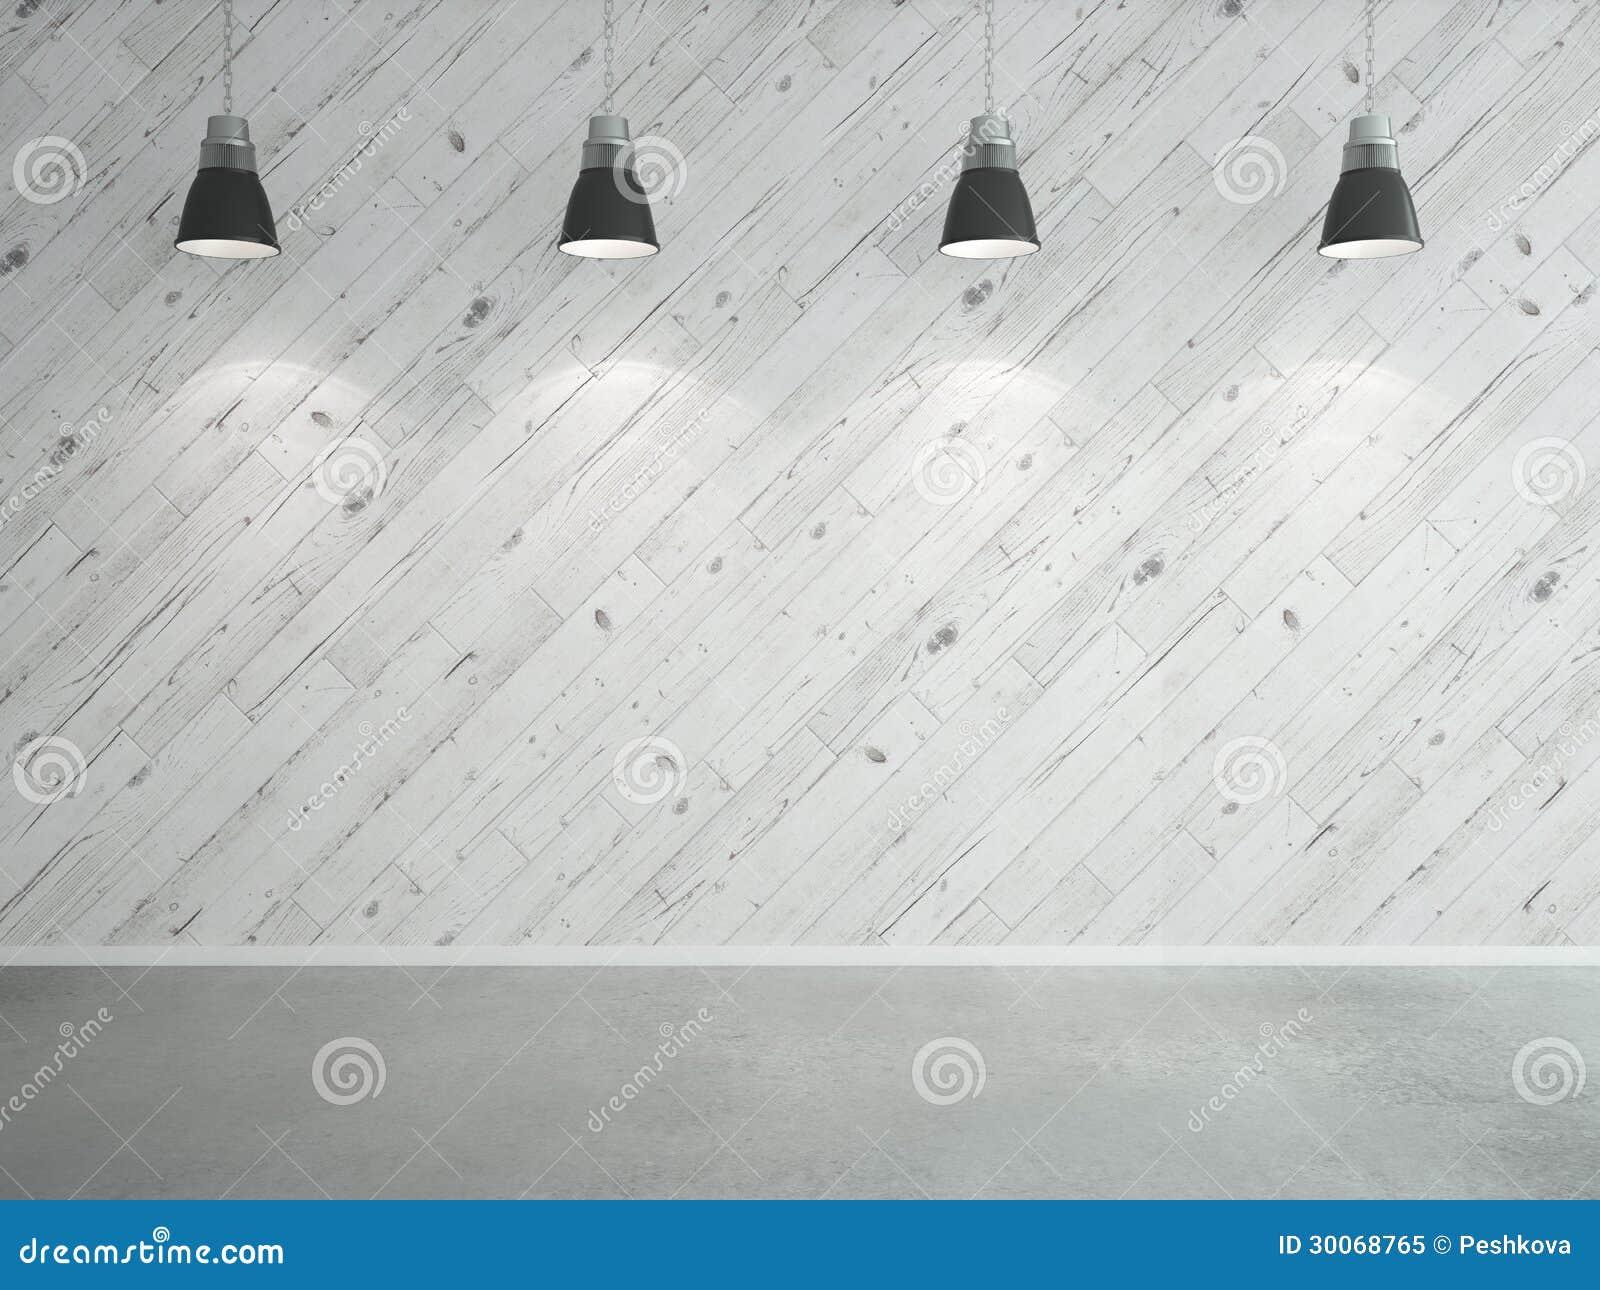 Прокатанные стена и светильники